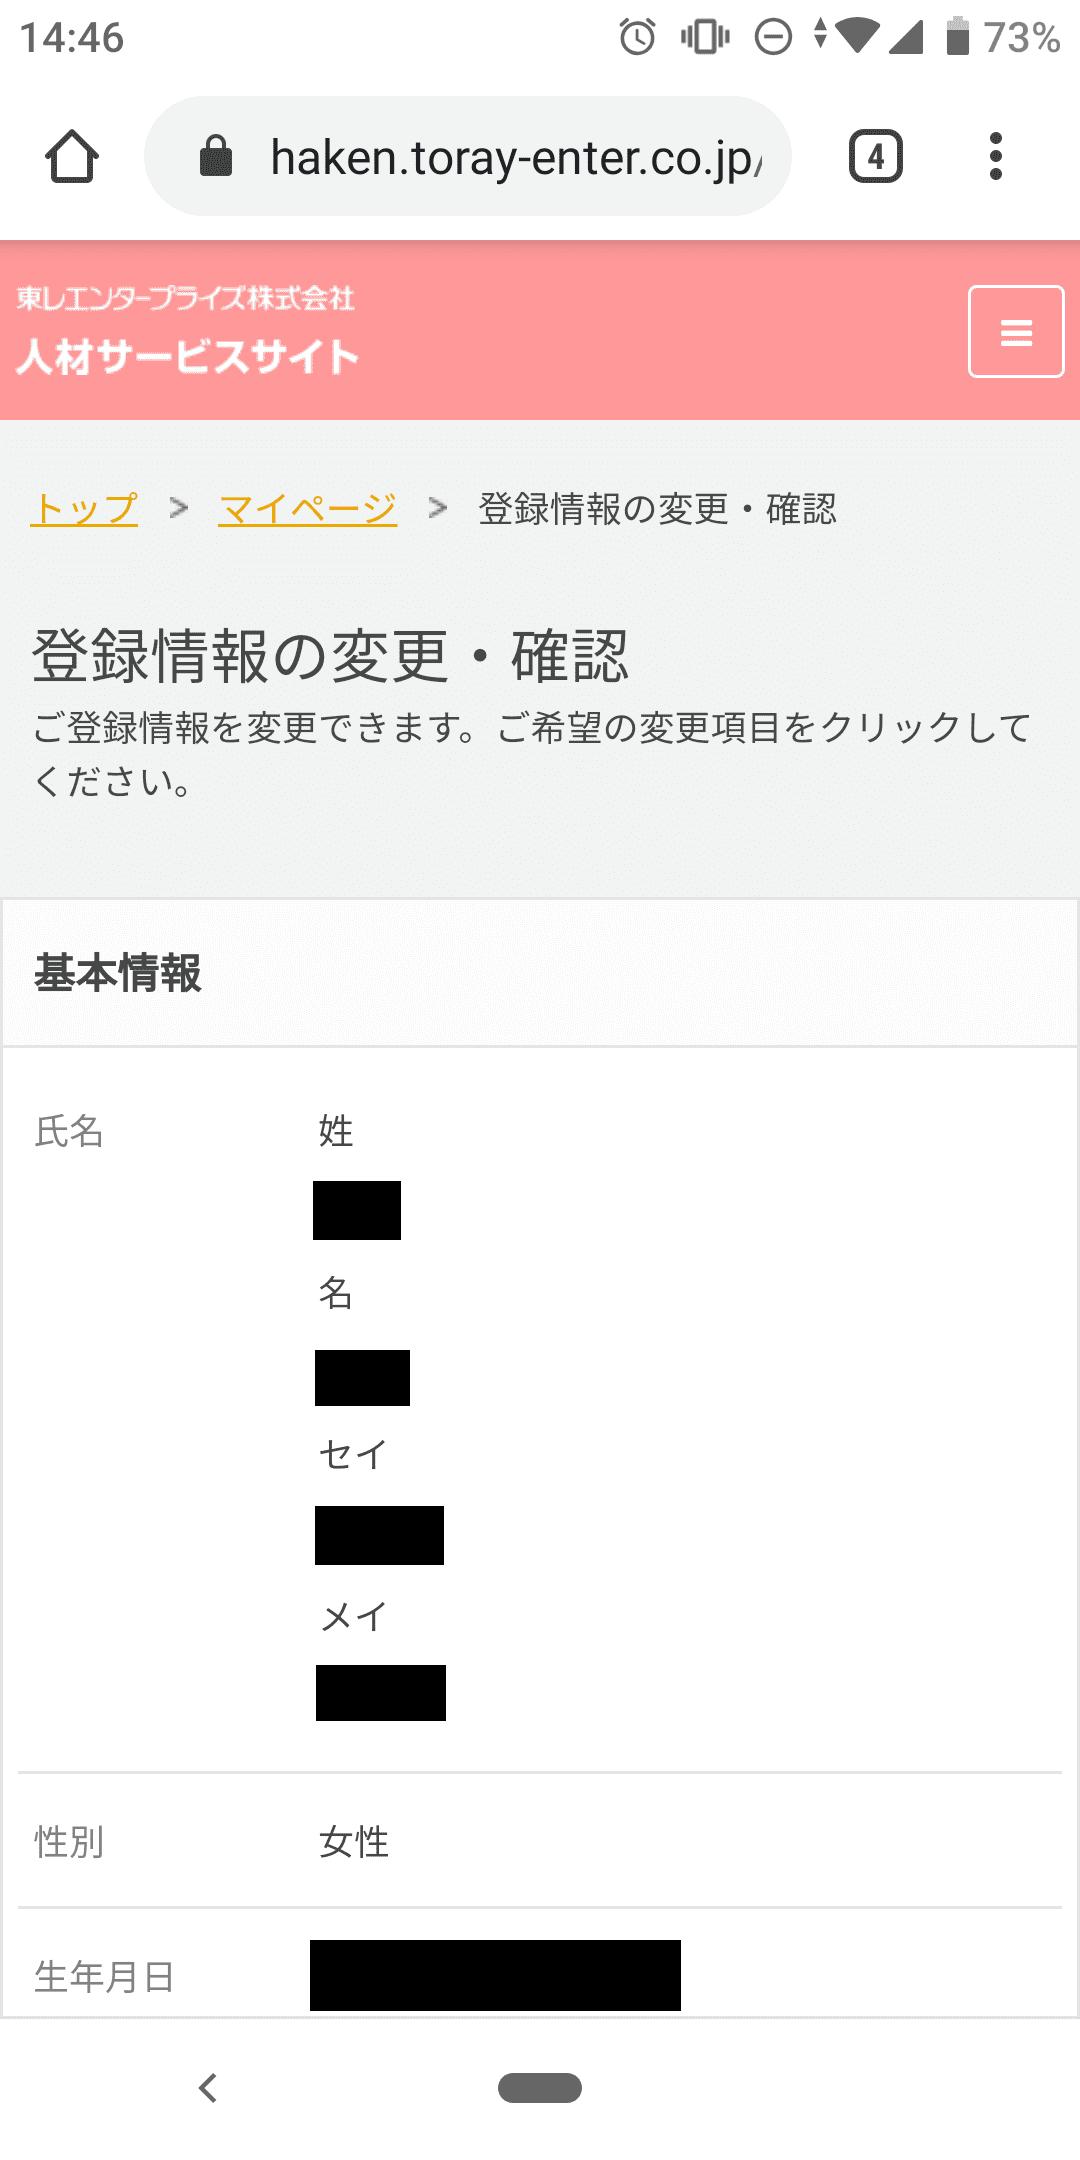 東レエンタープライズ株式会社 三島オフィス